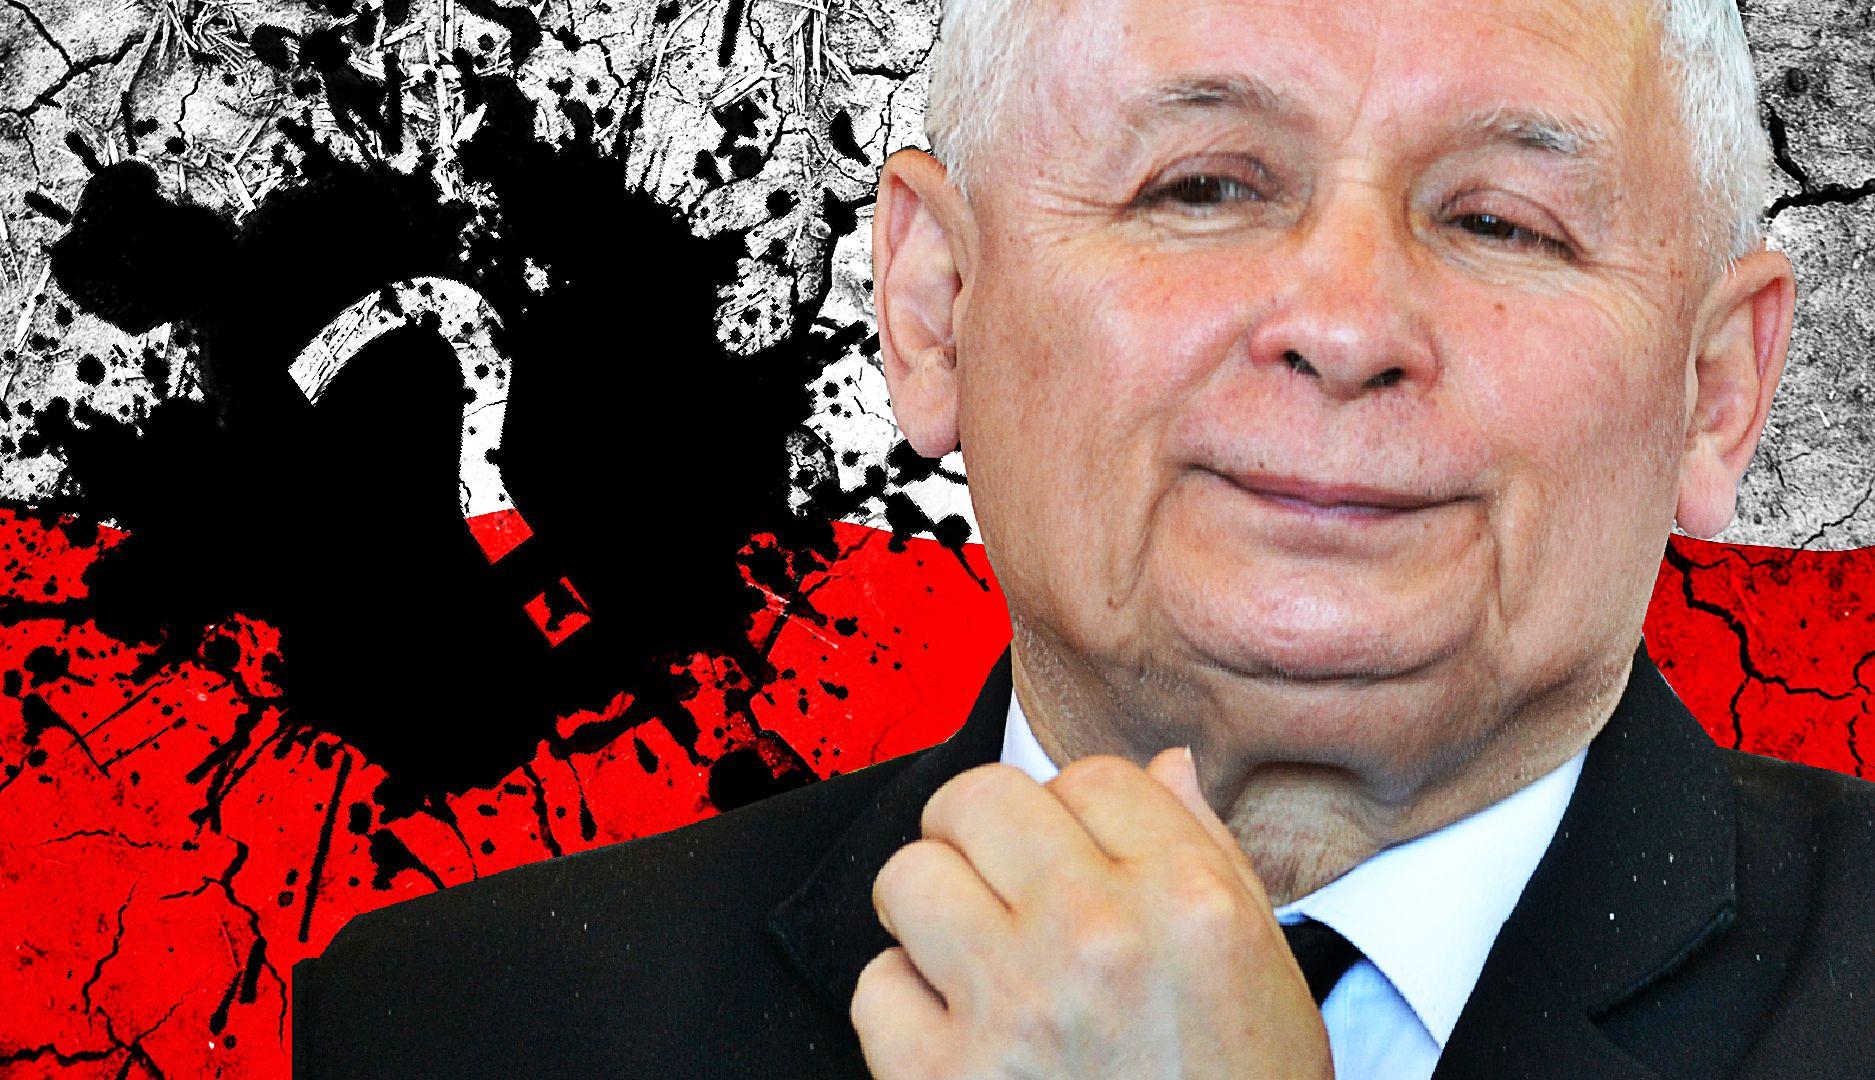 Kaczyński okrutnie PONIŻONY. Światowe media pokazały go jako...